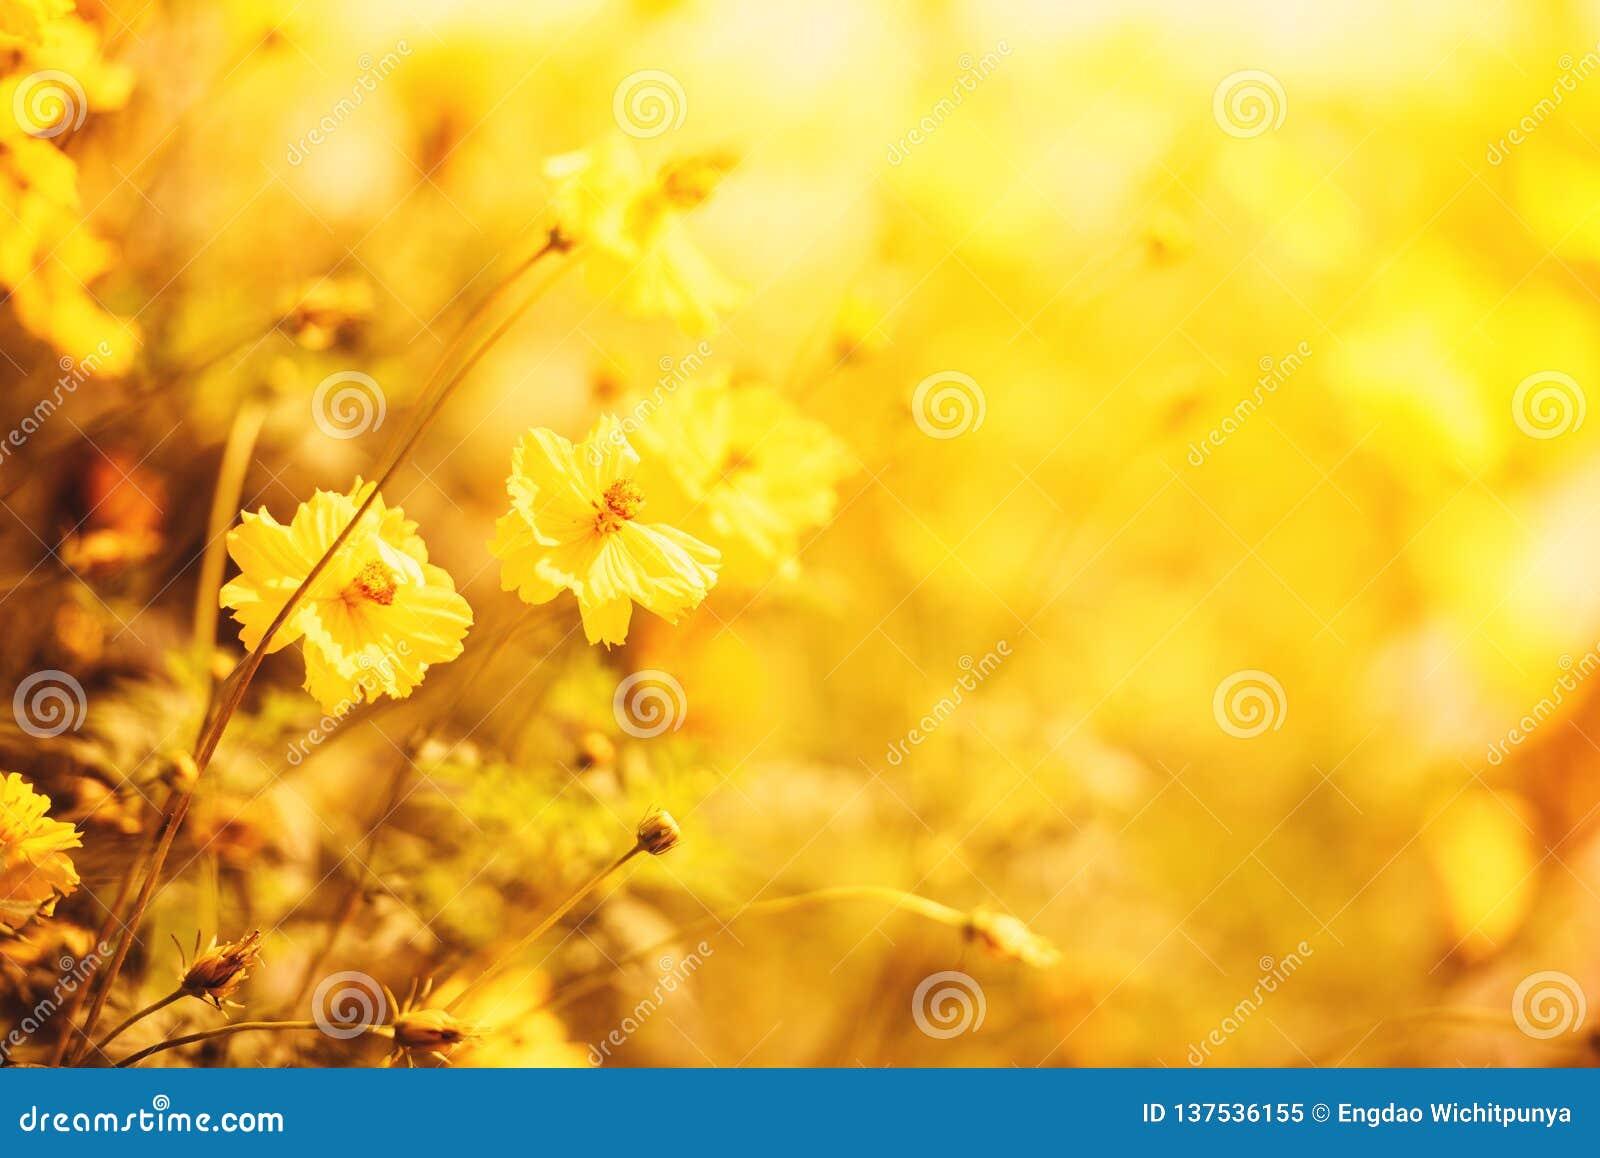 Cores amarelas do outono do calendula da planta do amarelo do fundo do borrão do campo de flor da natureza bonitas no jardim